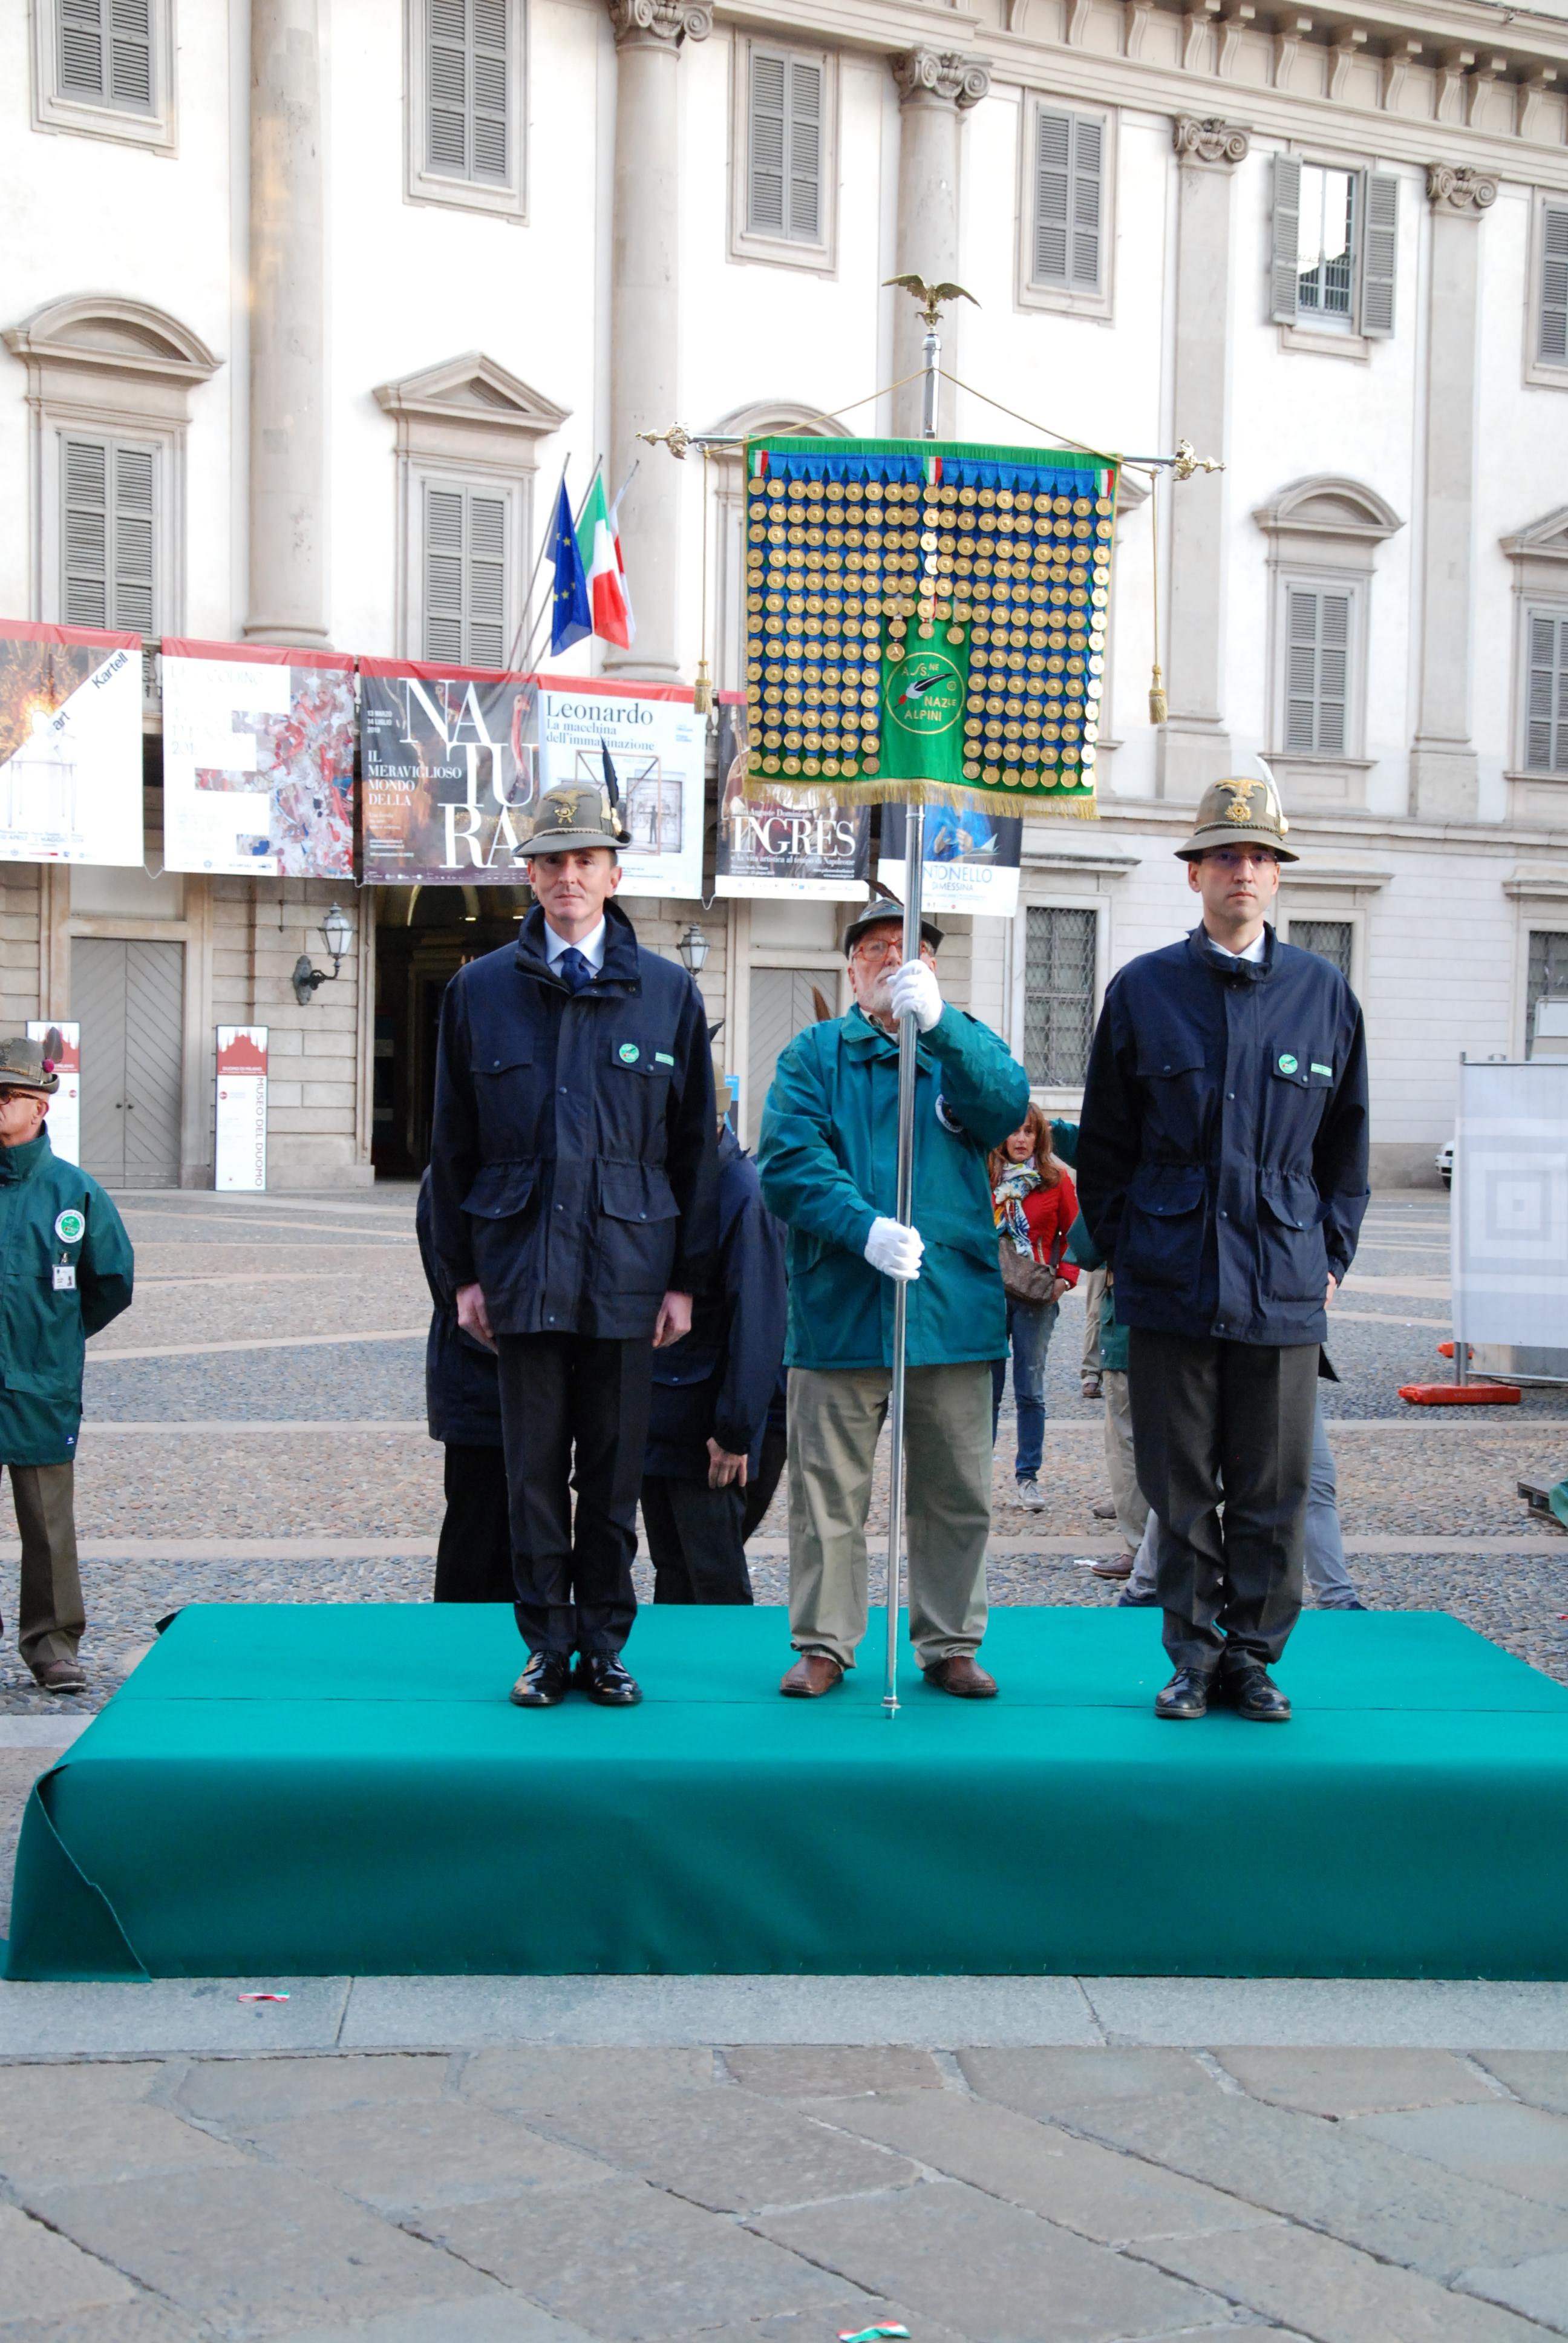 Inizio-Adunata-Nazionale-alpini-Milano-37